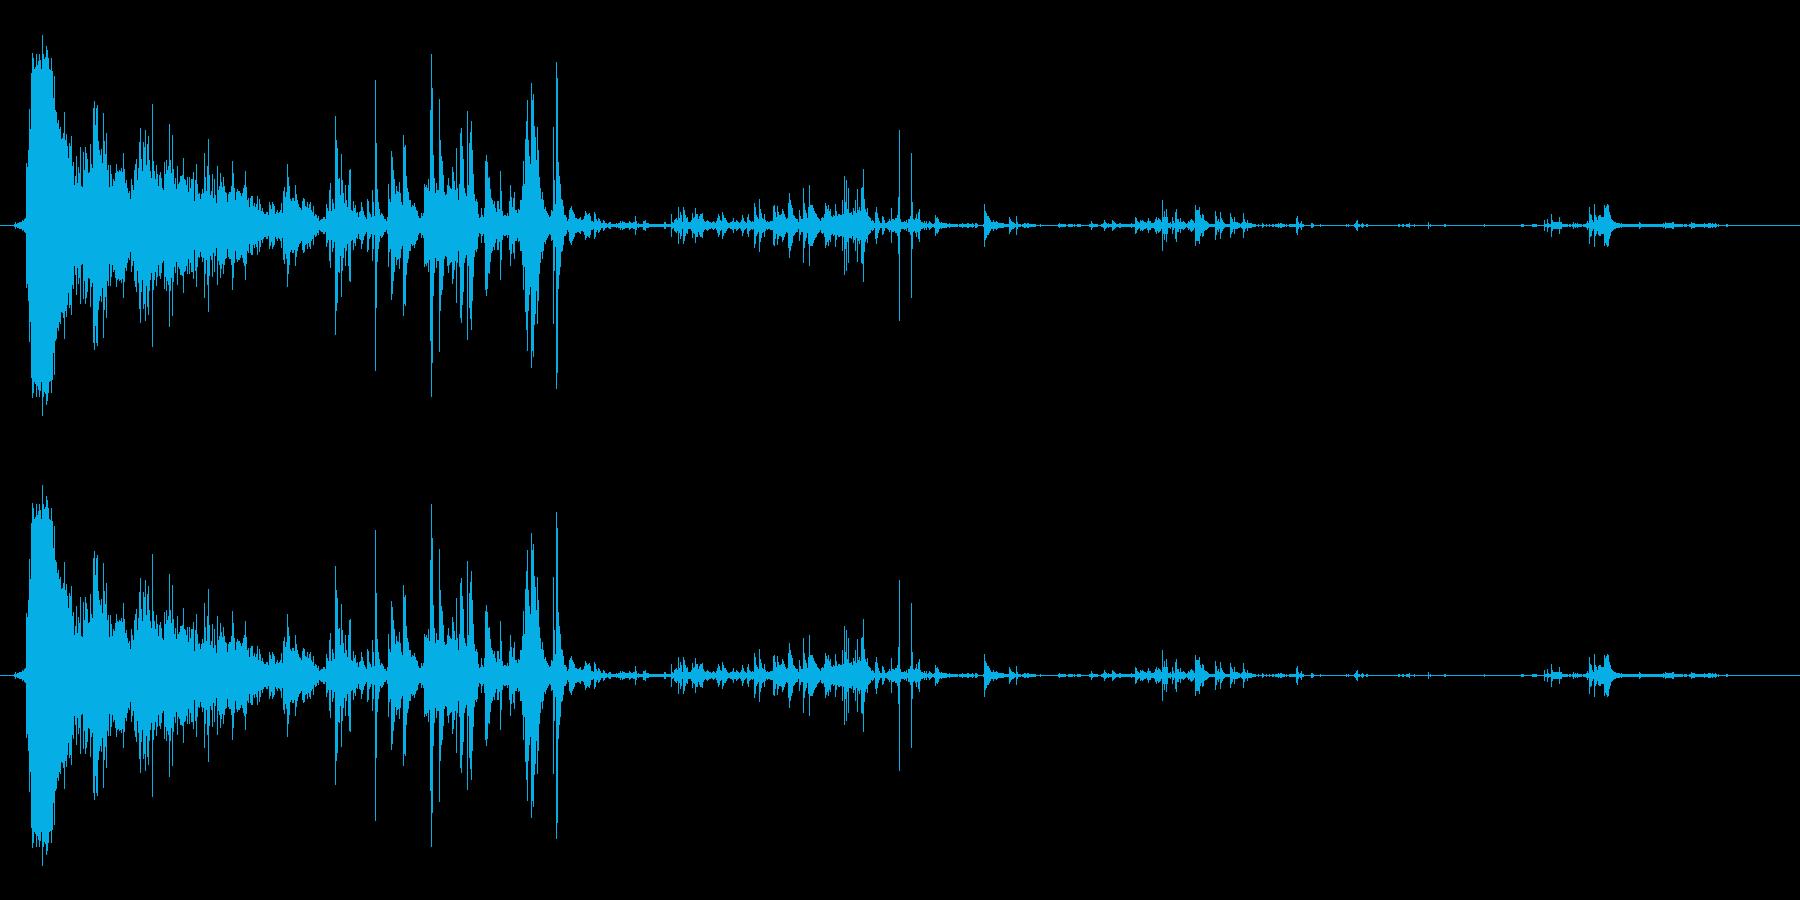 爆発後の破片の衝突の再生済みの波形